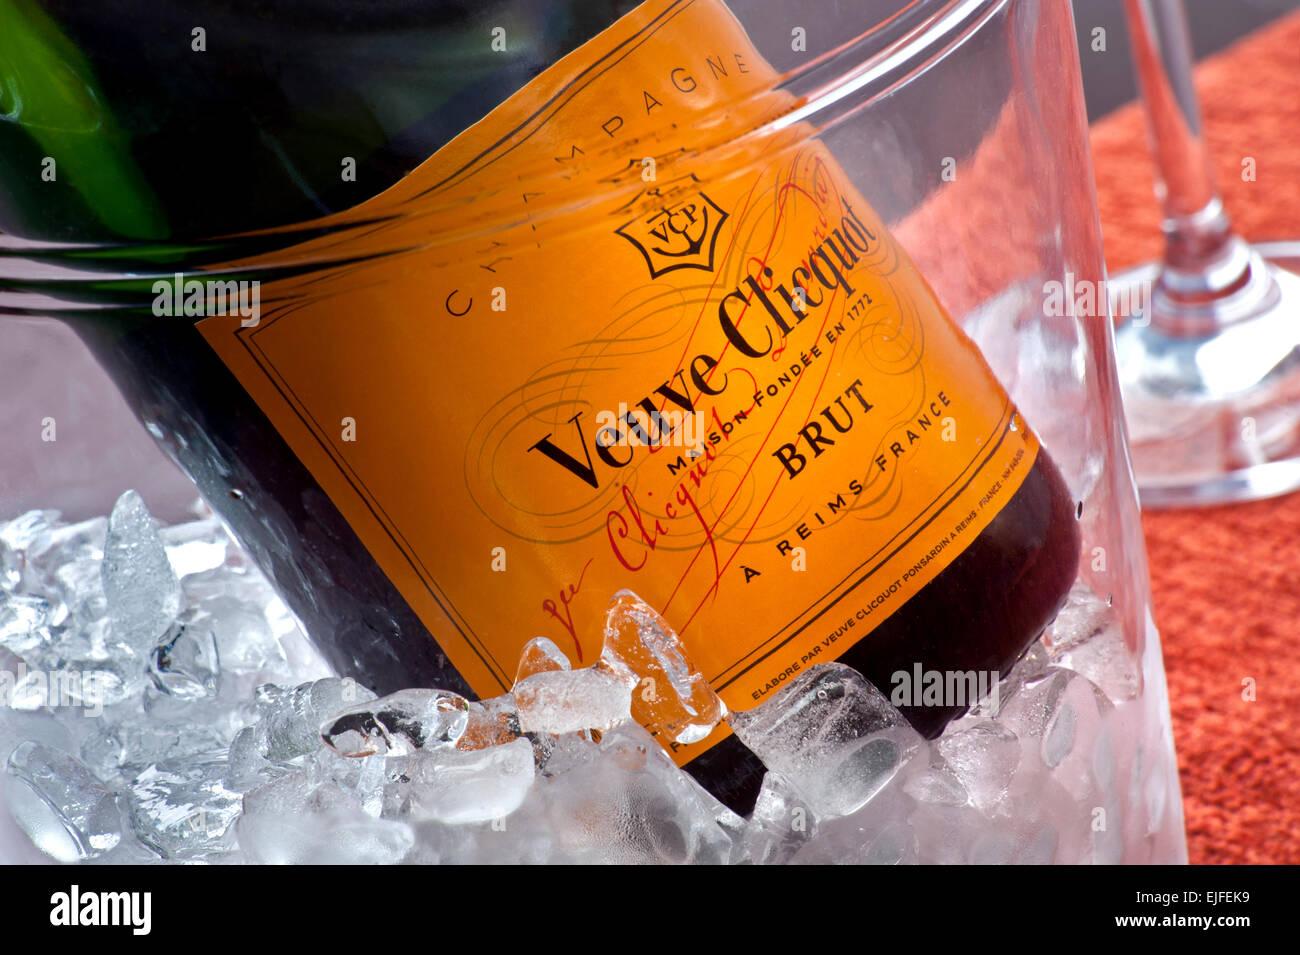 Schließen Sie die Ansicht auf Veuve Clicquot feine Flasche Champagner auf Eis im Weinkühler Stockbild